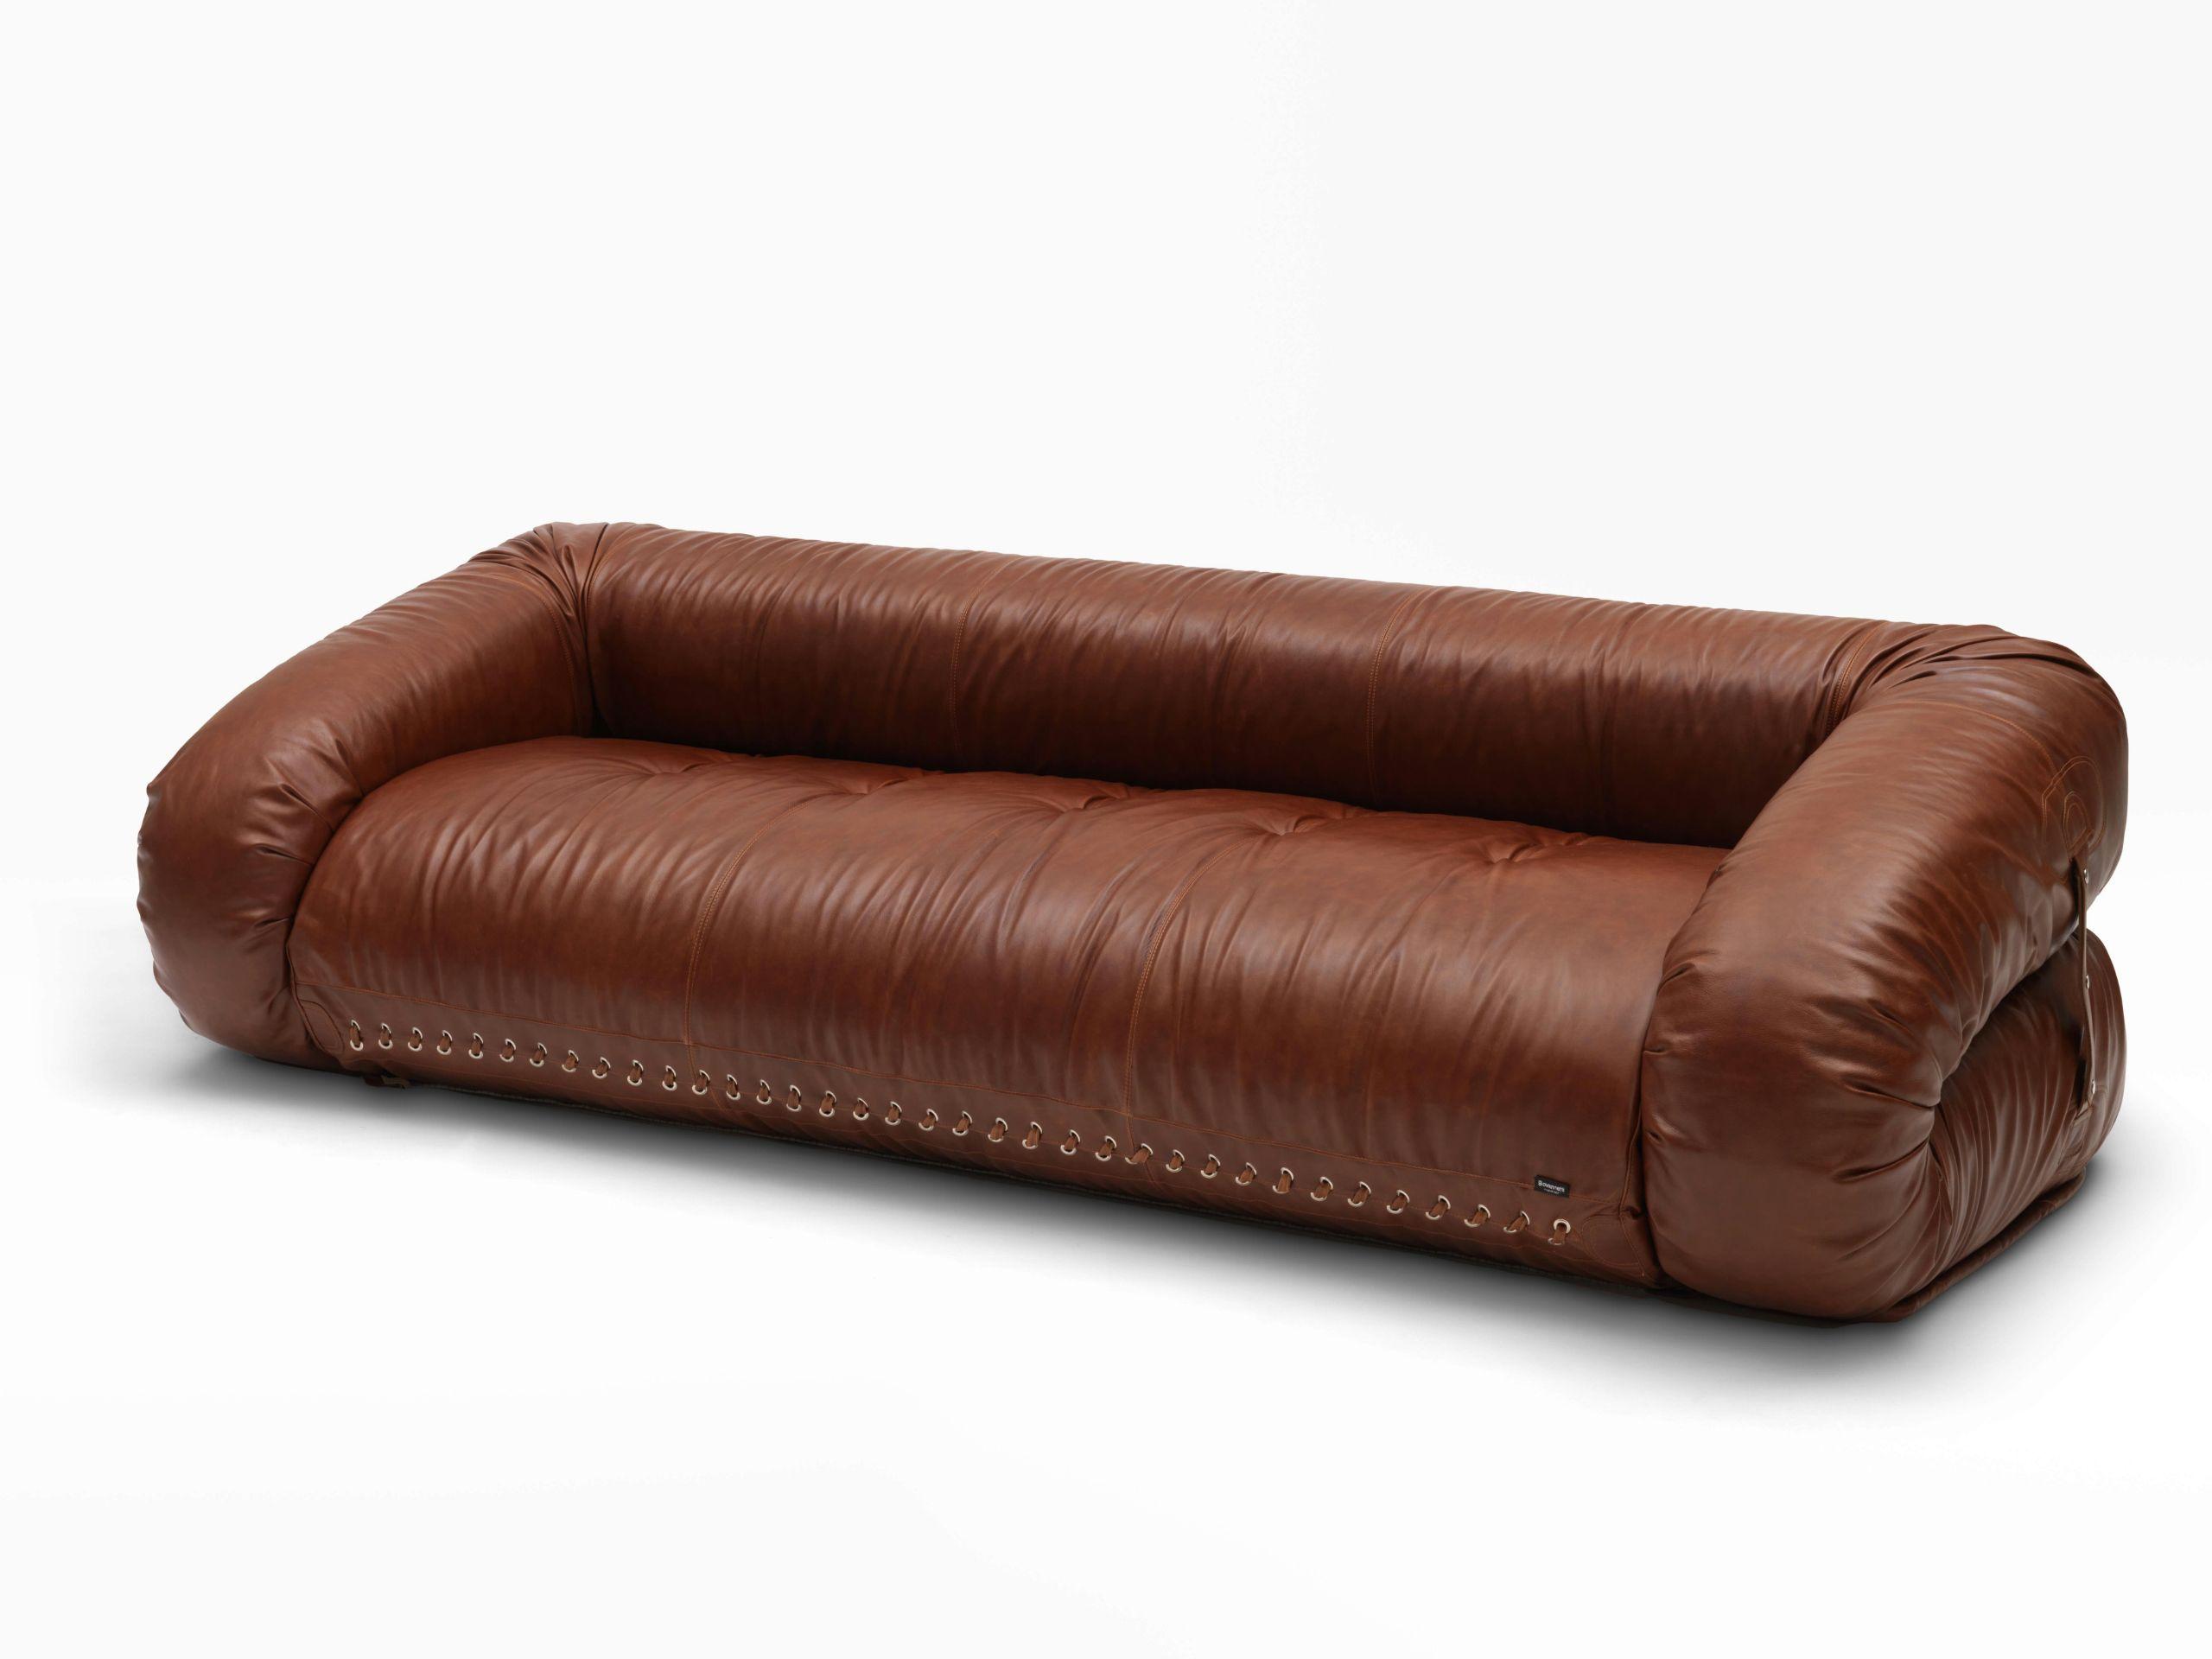 Convertible sofa bed ANFIBIO By Giovannetti design Alessandro Becchi